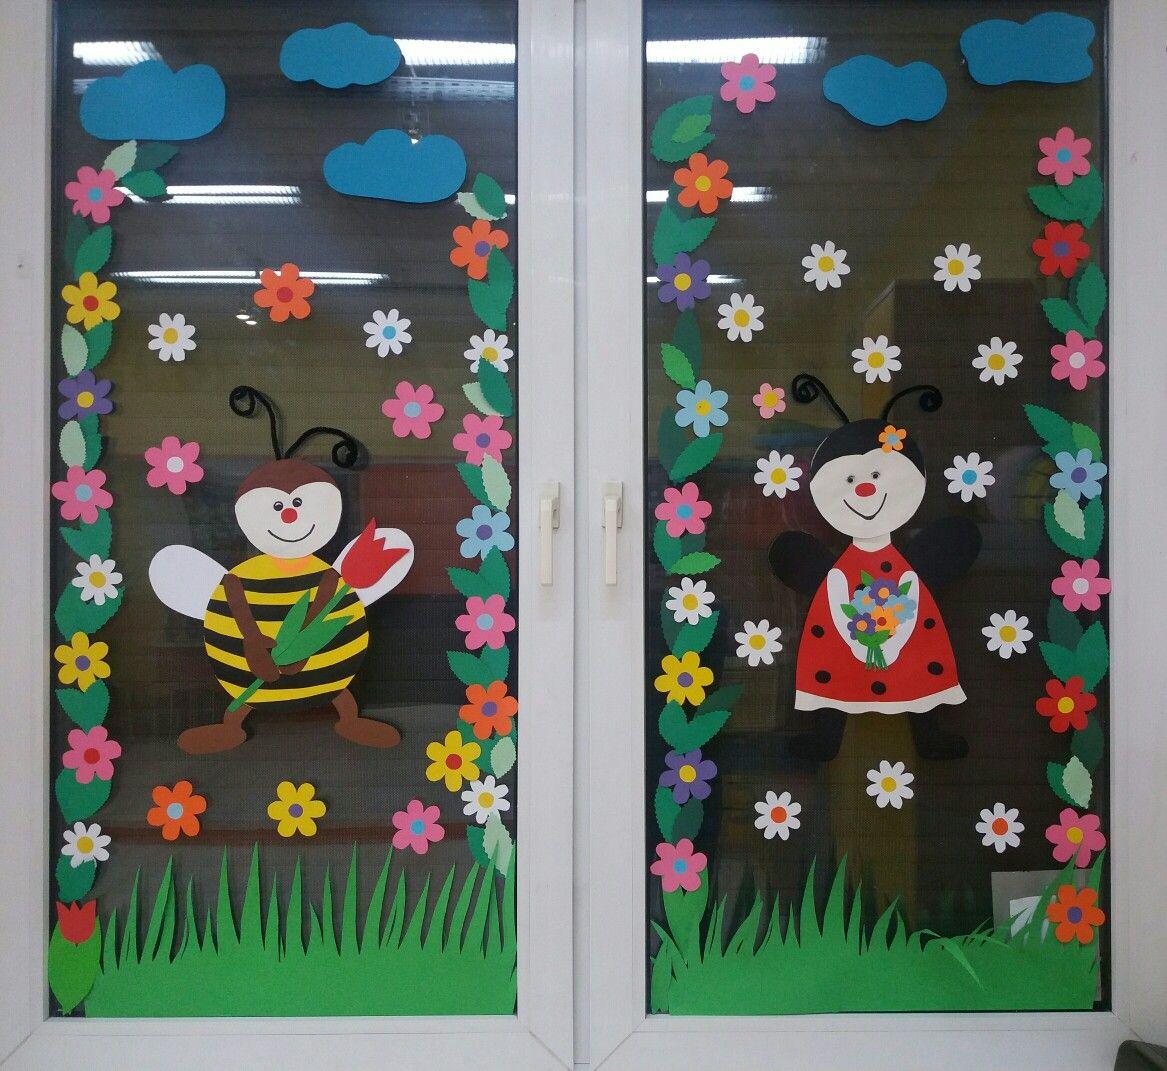 Dekoracja Wiosenna Na Okna Alicja Mazur Kreatywnie Z Dzieckiem Spring Crafts For Kids Preschool Crafts Spring Crafts